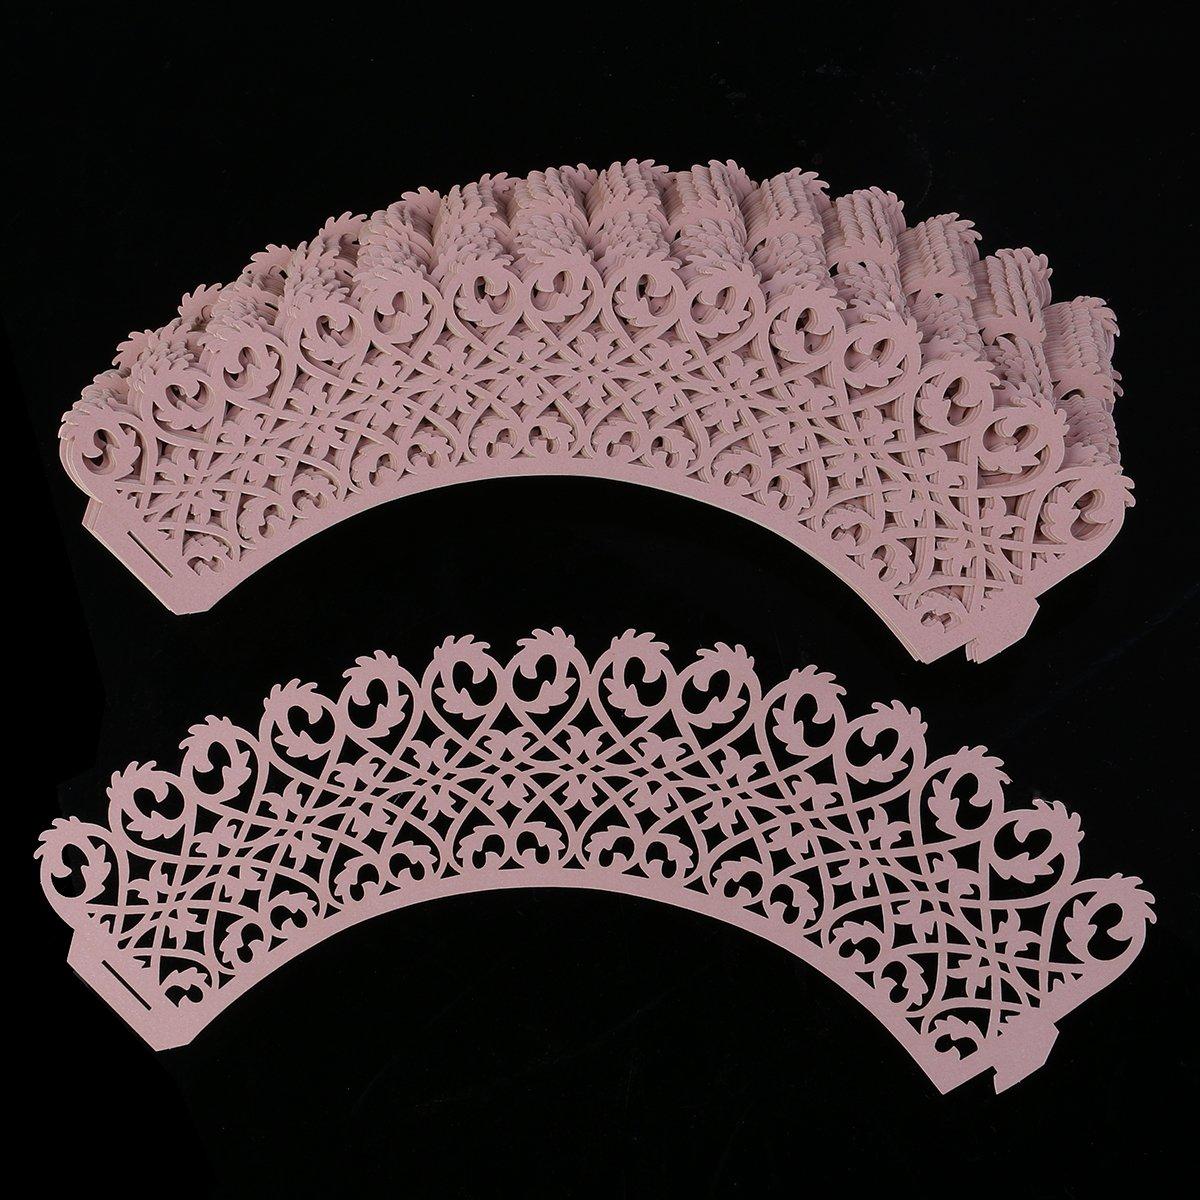 rosenice 50 moldes para magdalenas (Papel, vasos de cartón para Tarta de niña boda fiesta de cumpleaños (Rosa): Amazon.es: Bricolaje y herramientas